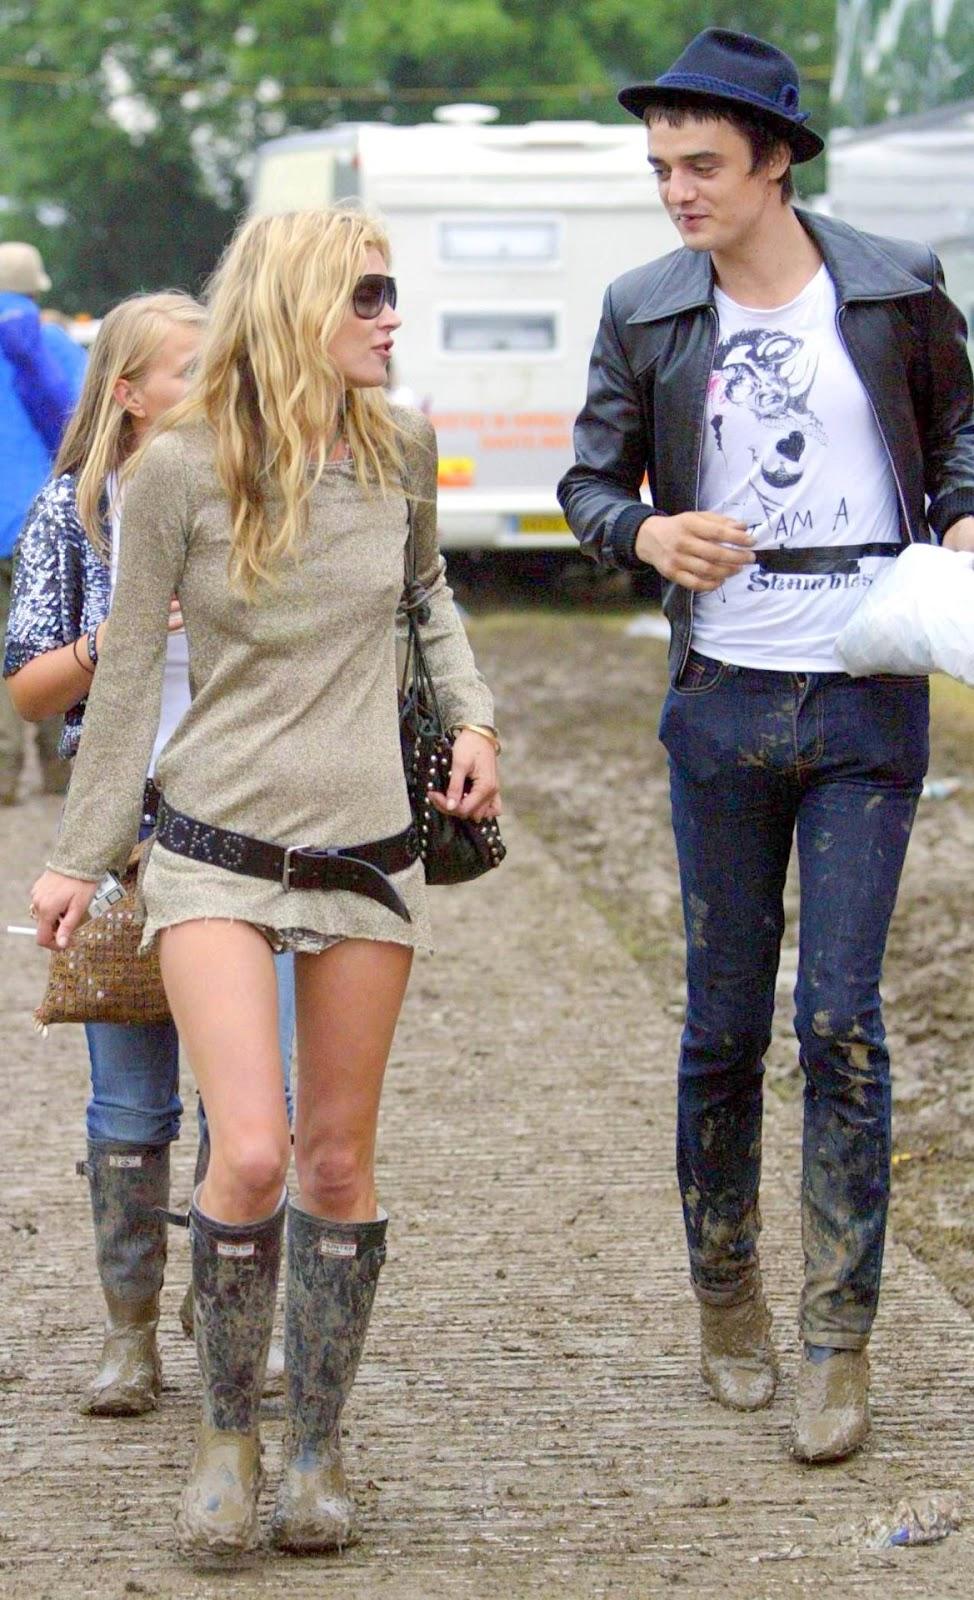 Celebrity wearing Hunter wellies